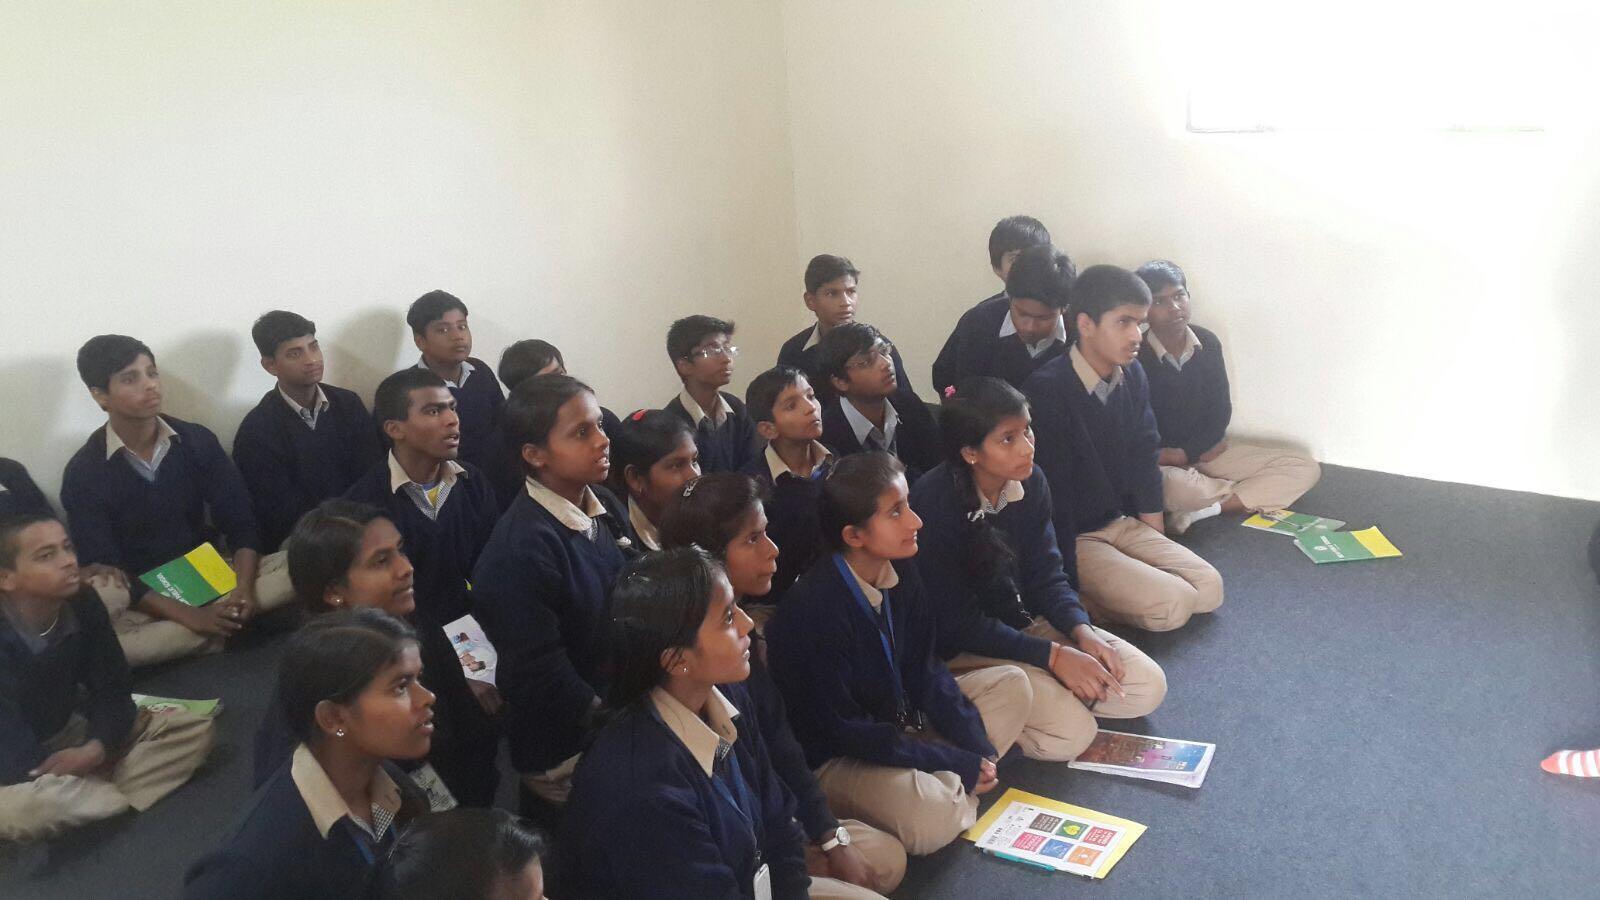 Session on Leadership